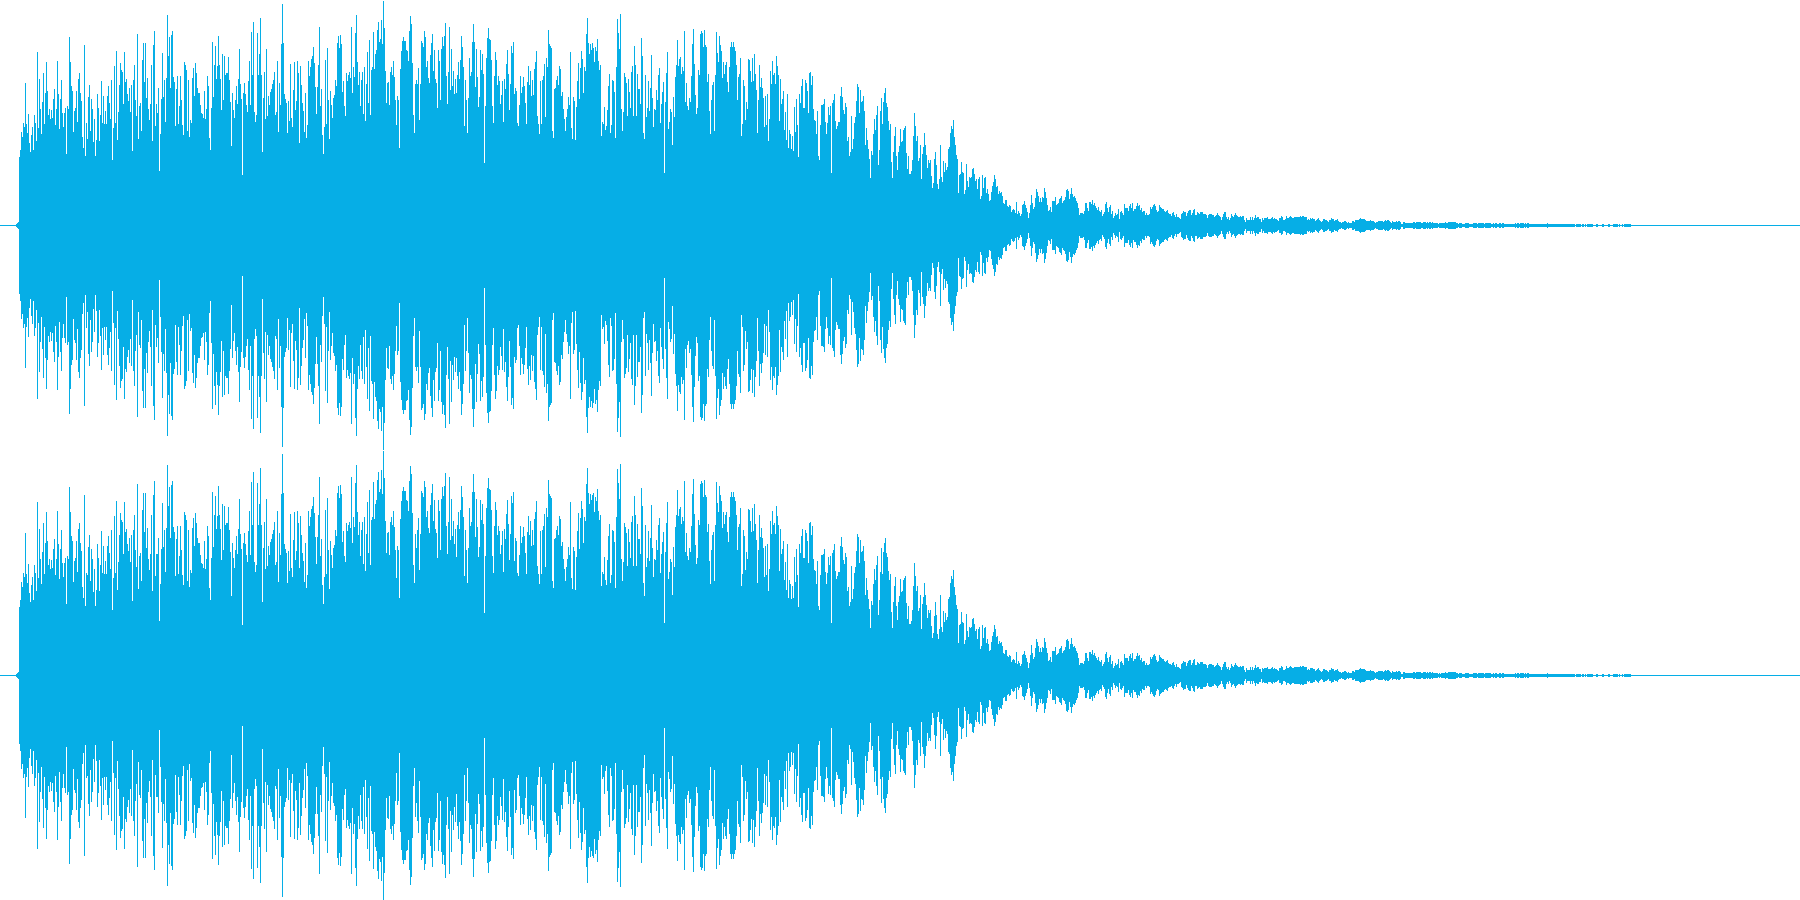 ロボが合体や変形する時の音の再生済みの波形